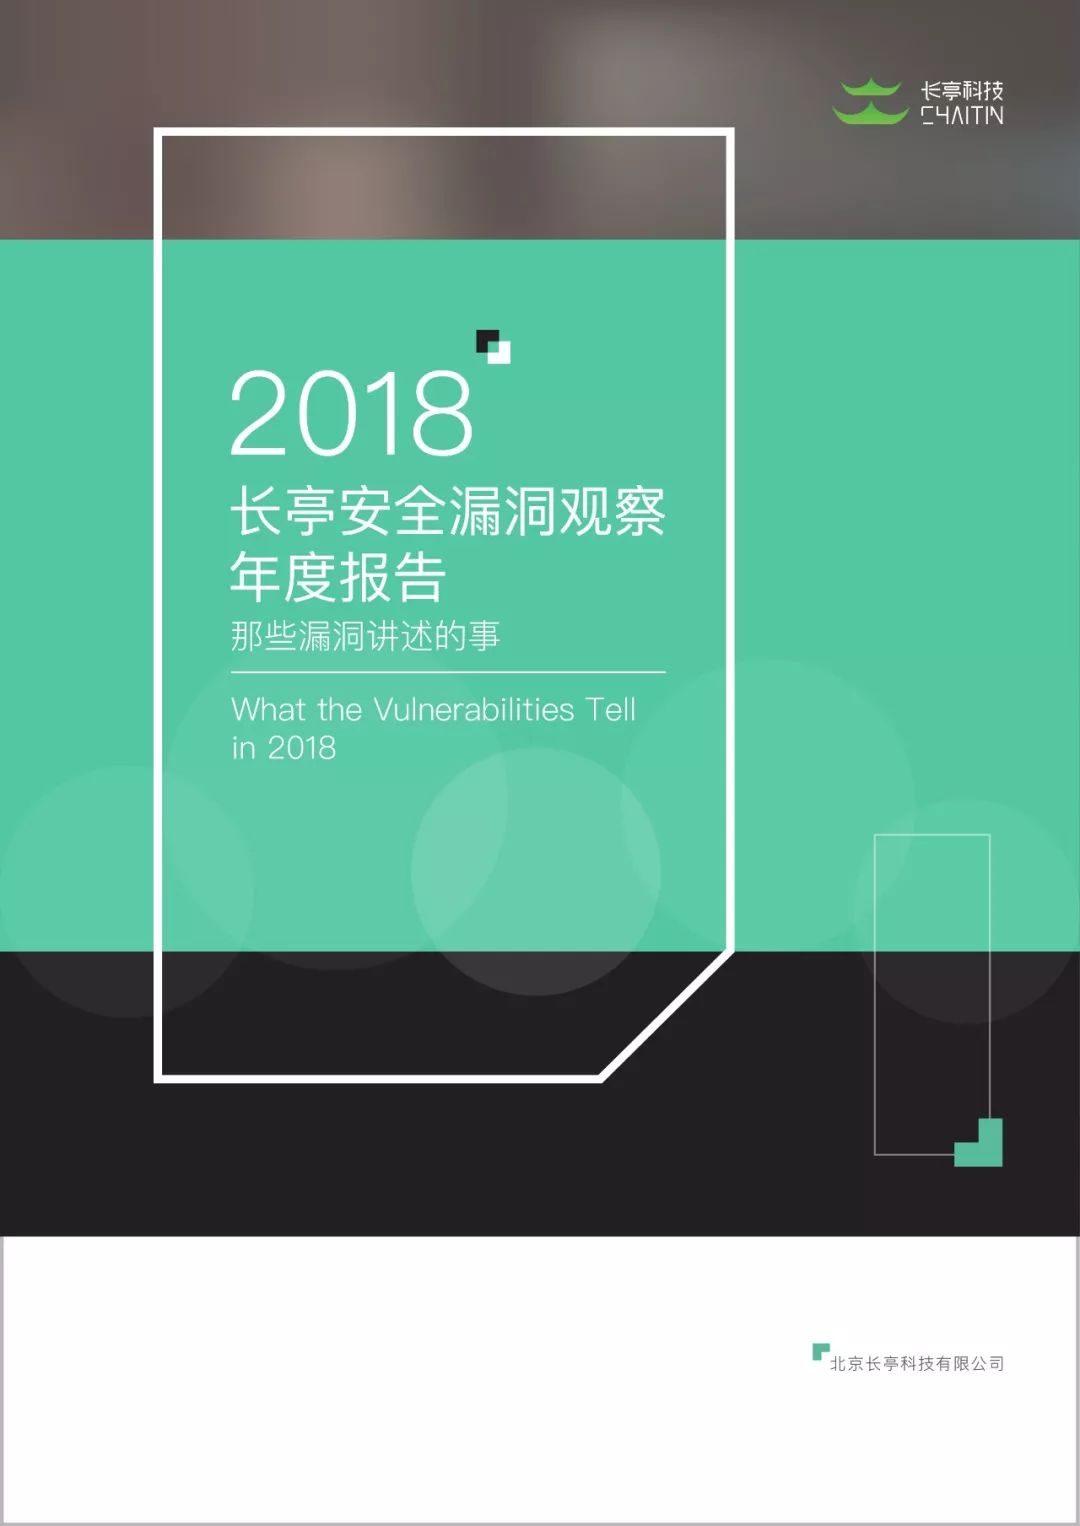 报告 | 《2018 那些漏洞讲述的事 | 长亭安全漏洞观察年度报告》